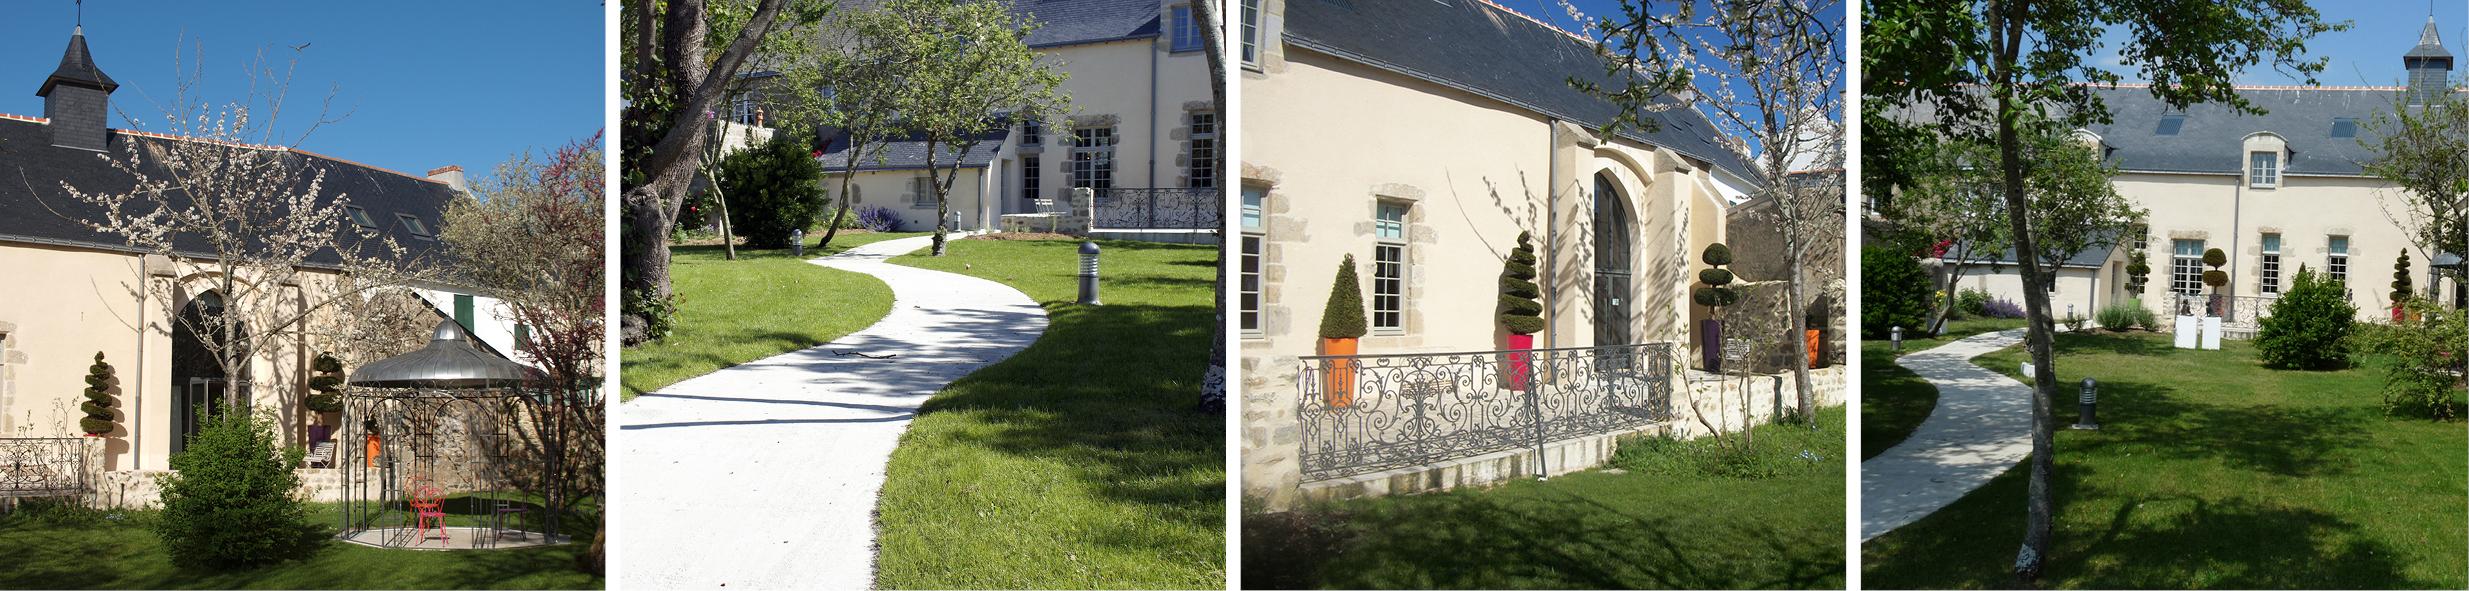 Bandeau - Galerie Chapleau - Infos pratiques.jpg